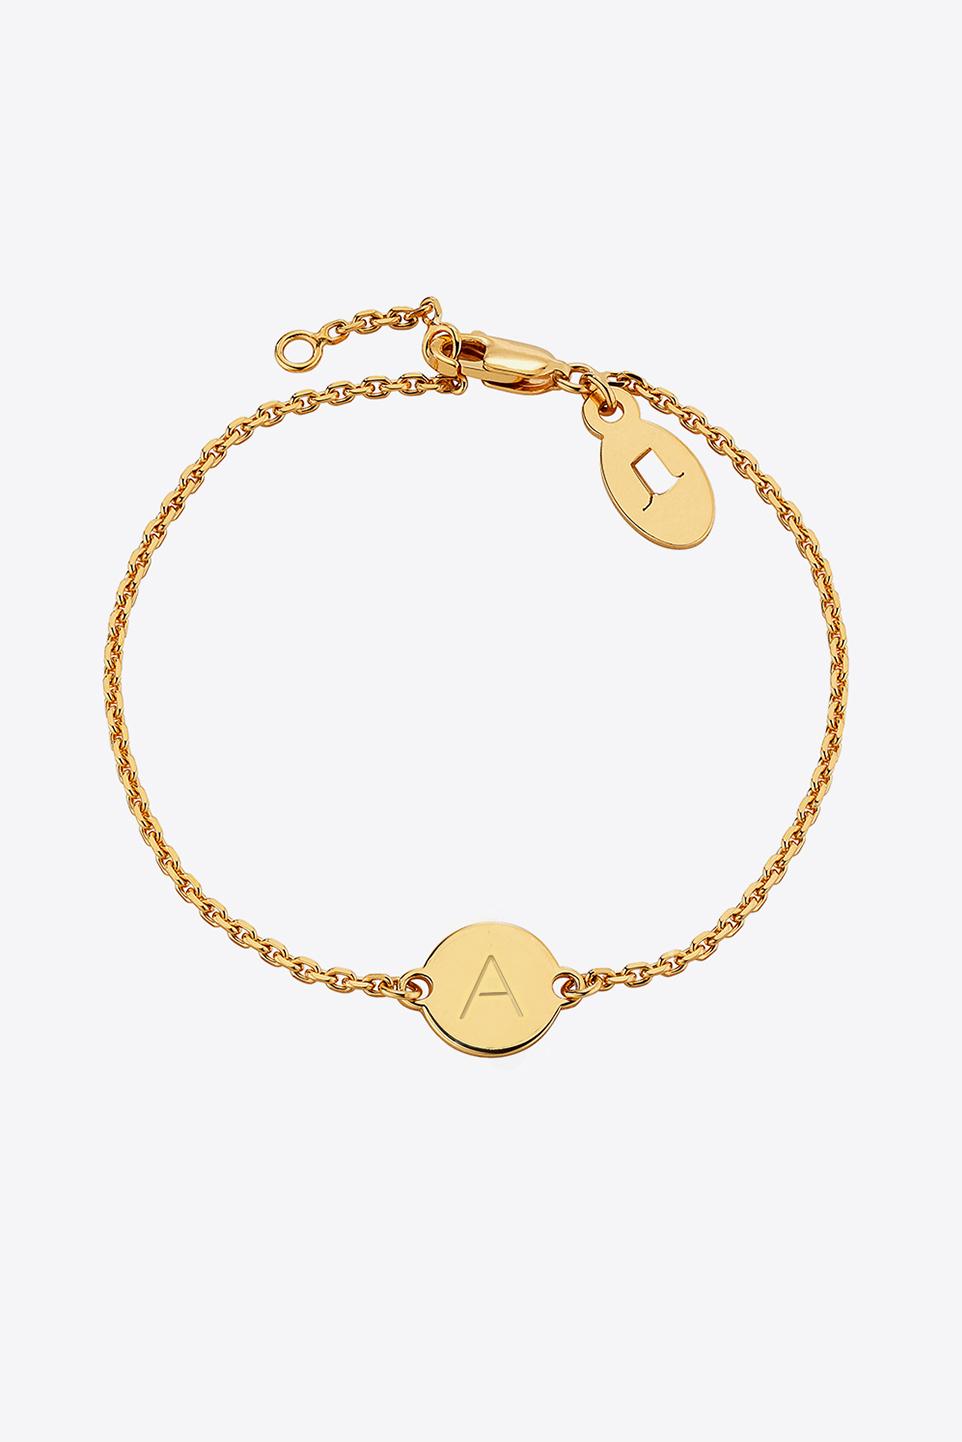 emblem-coin-bracelet-metal